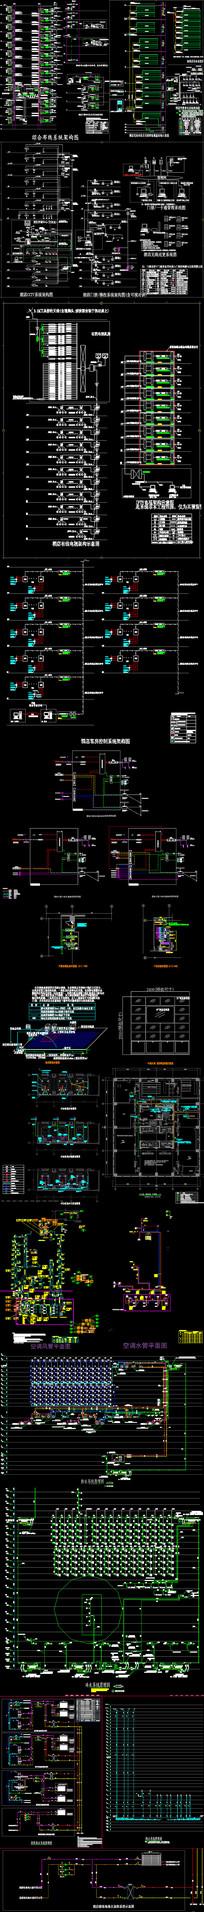 某大型酒店机电CAD施工图物料书